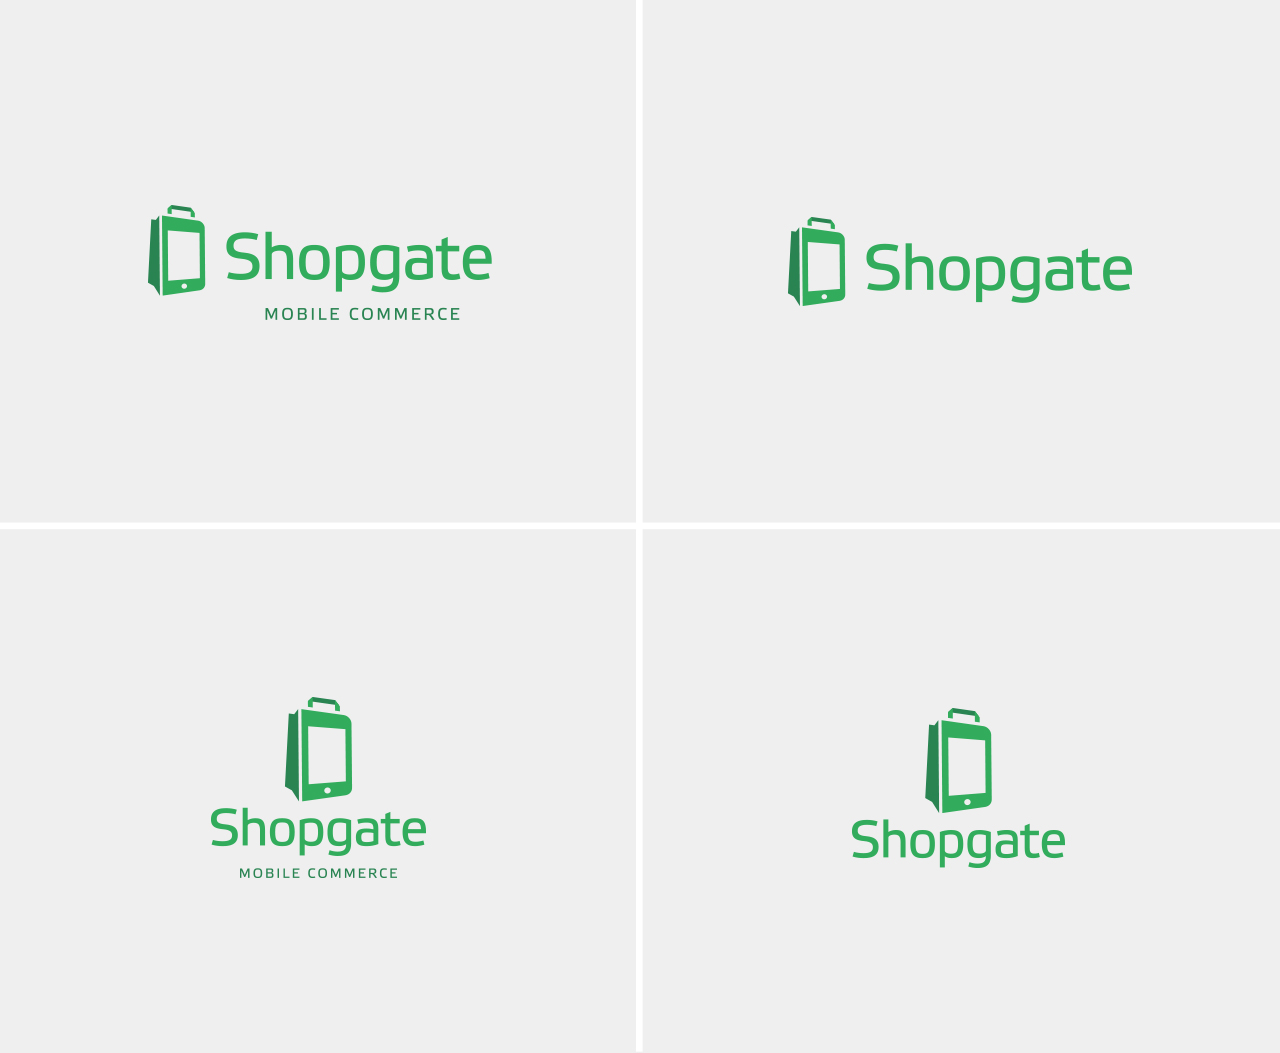 shopgate-screen-5